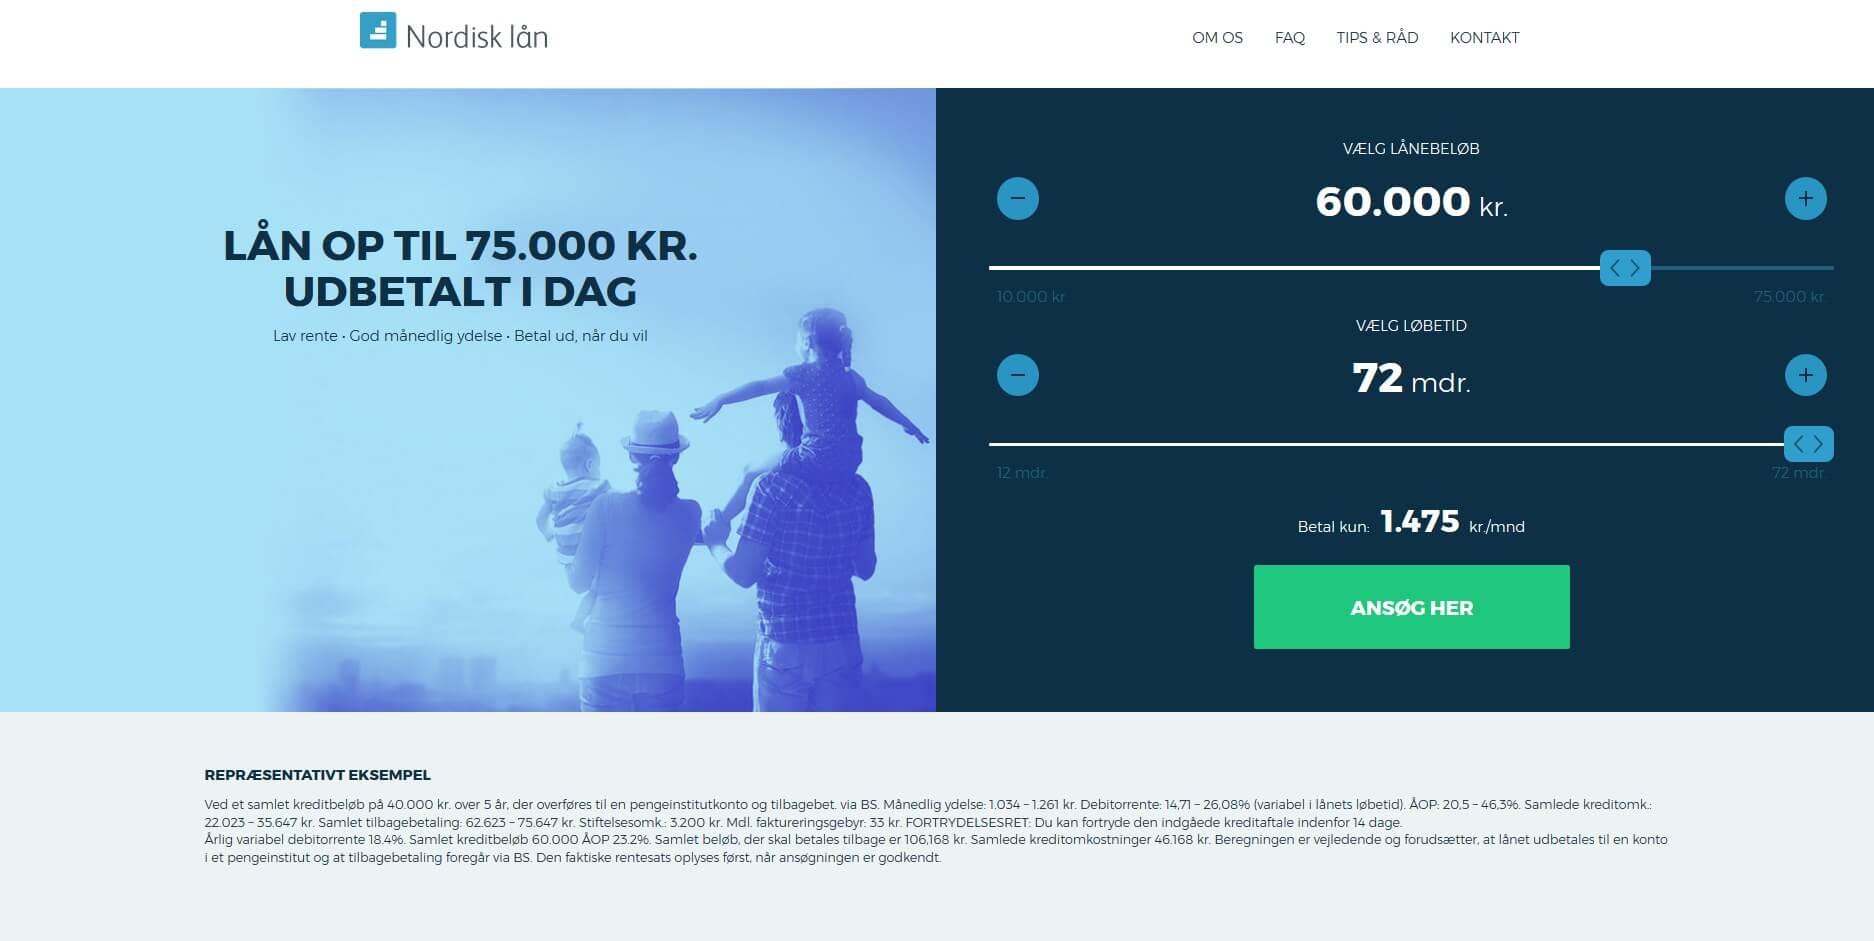 Nordisk lån - Lån op til 75.000